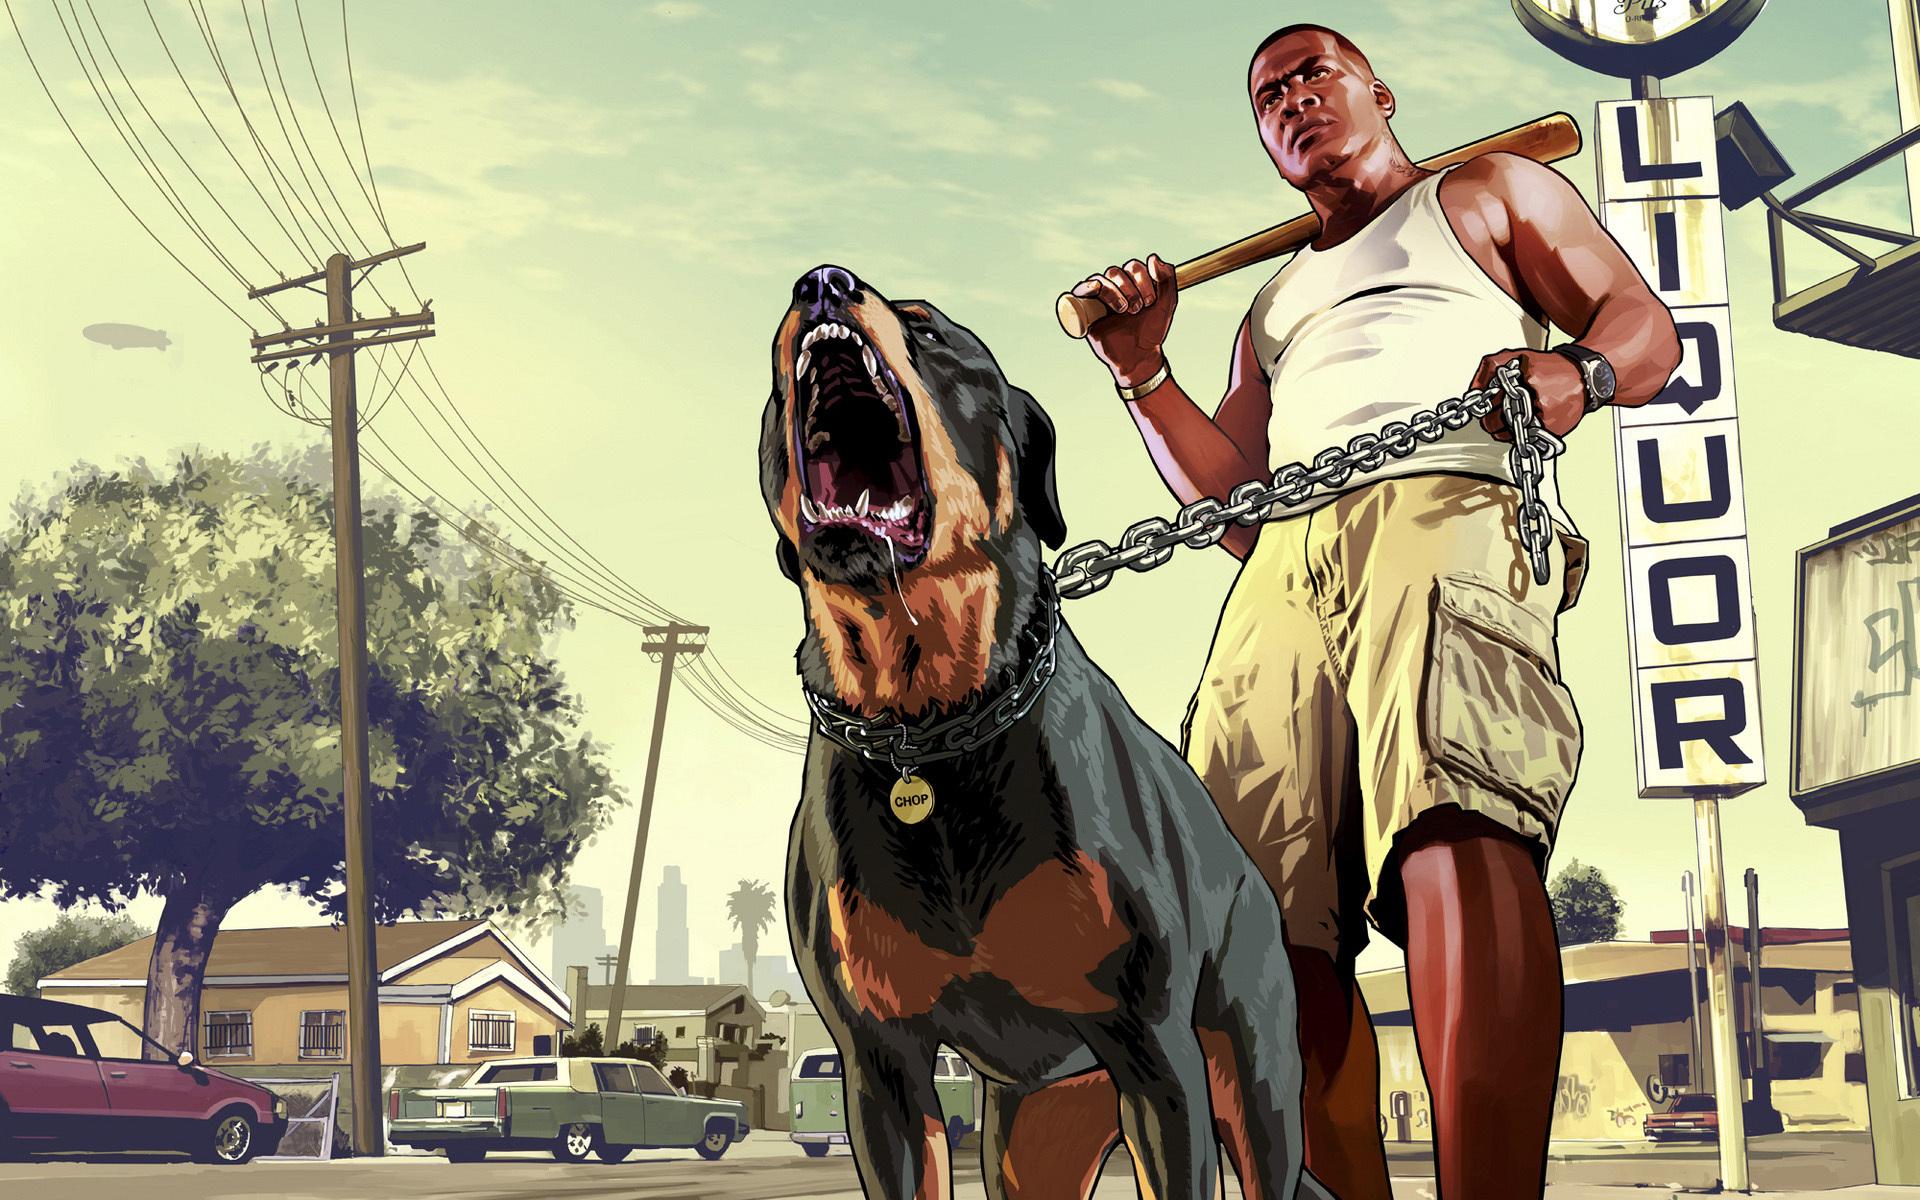 21762 Hintergrundbild herunterladen Spiele, Grand Theft Auto (Gta) - Bildschirmschoner und Bilder kostenlos